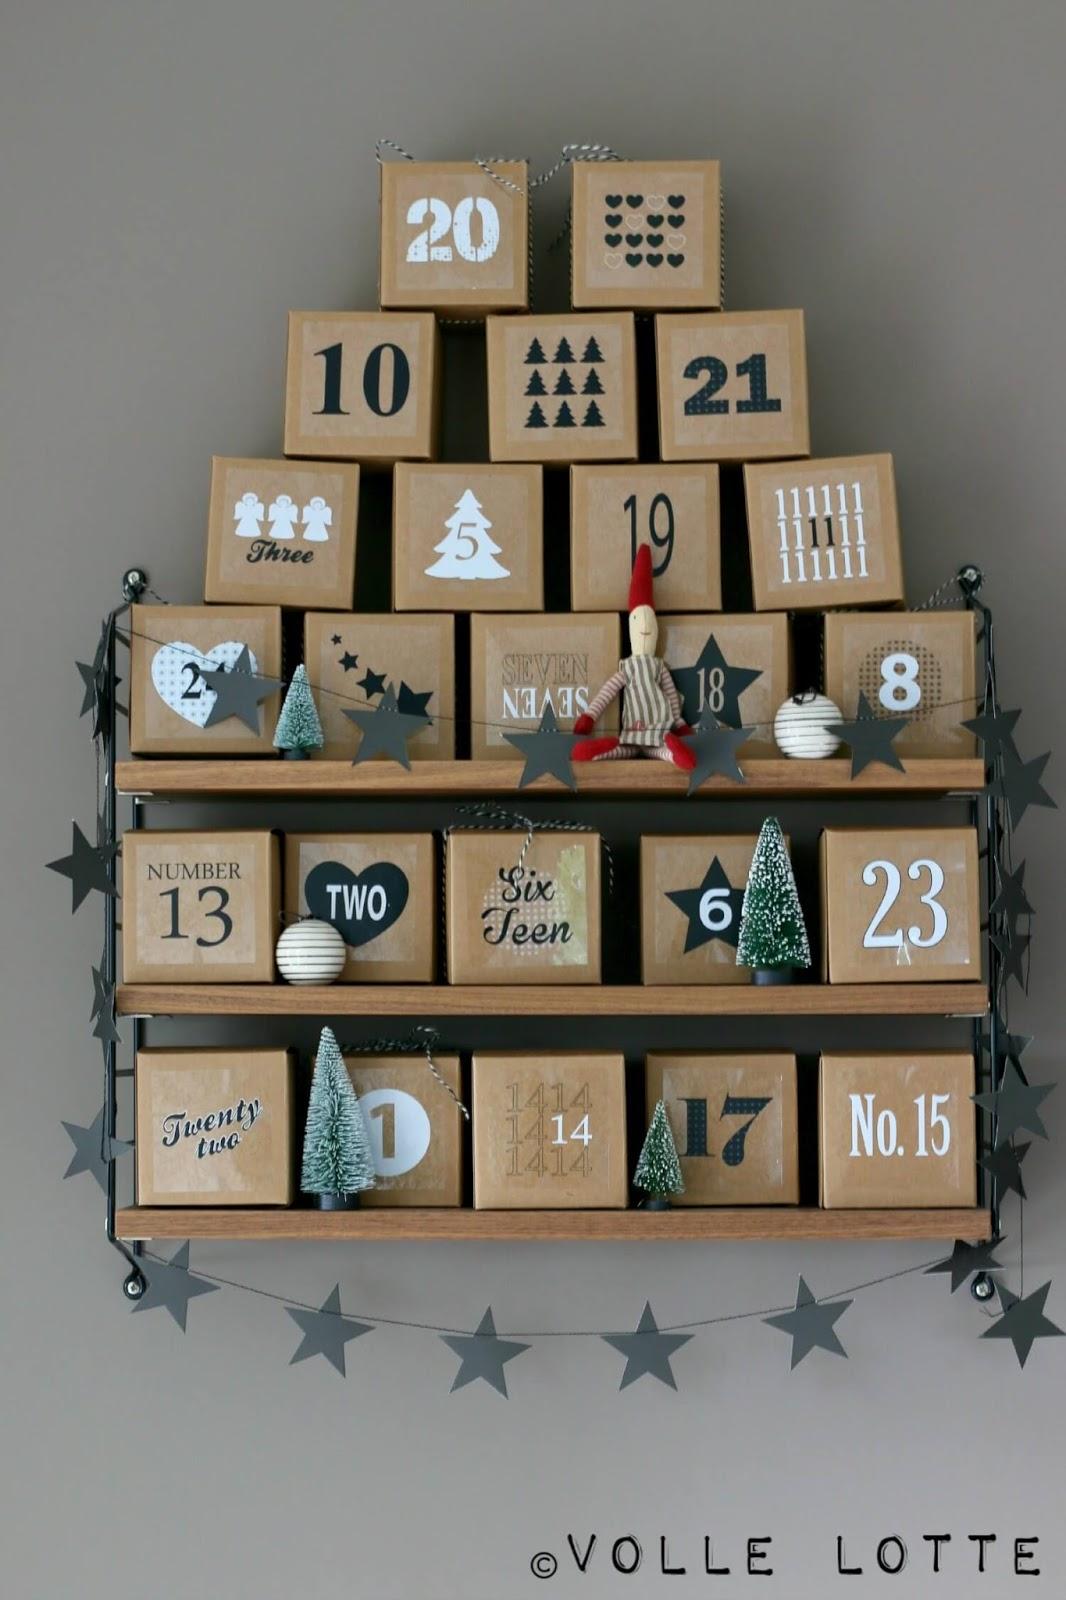 adventskalender ja oder nein volle lotte. Black Bedroom Furniture Sets. Home Design Ideas